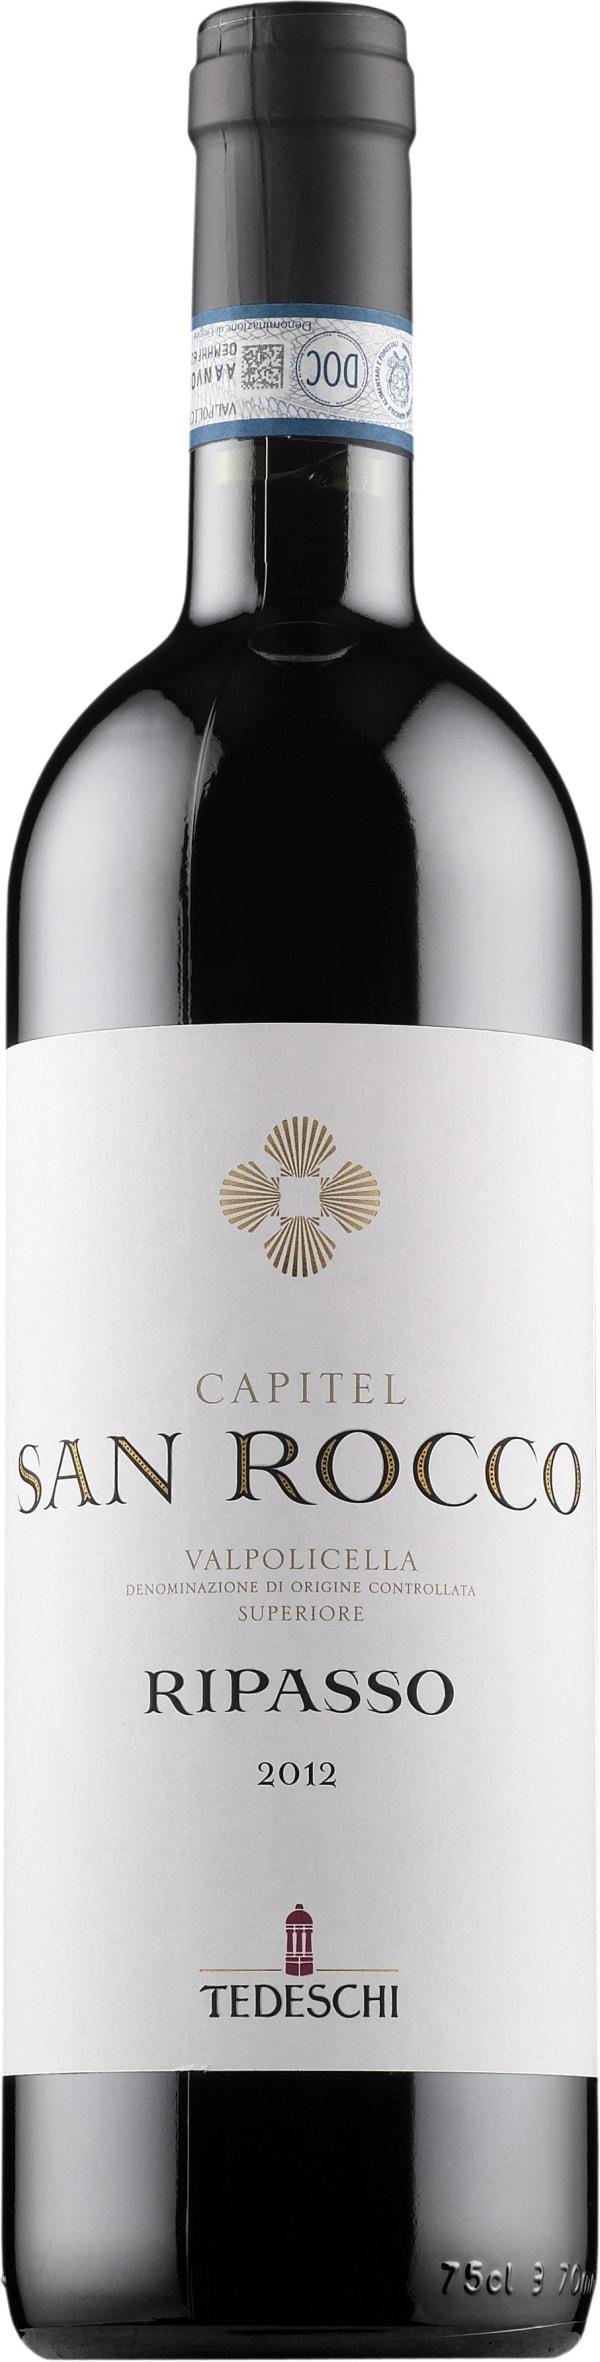 Tedeschi Capitel San Rocco Ripasso 2014